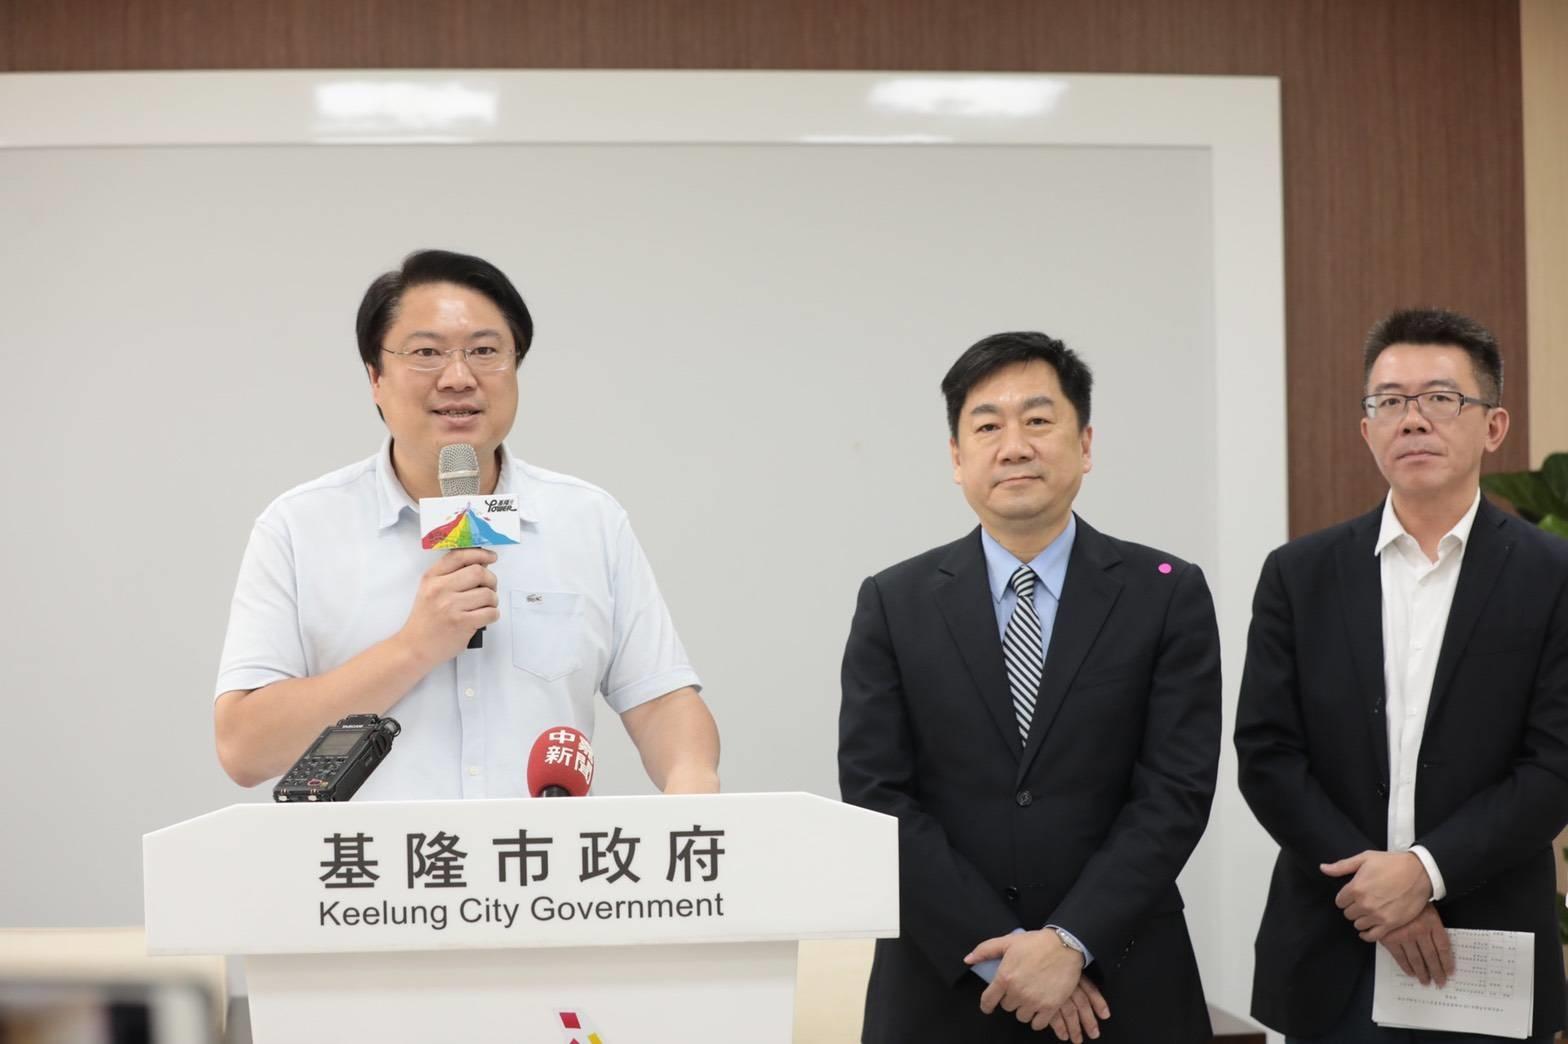 基隆市長林右昌與內政部政務次長陳宗彥一同宣布,今年國慶晚會將首度移師基隆舉辦。圖/基隆市政府提供